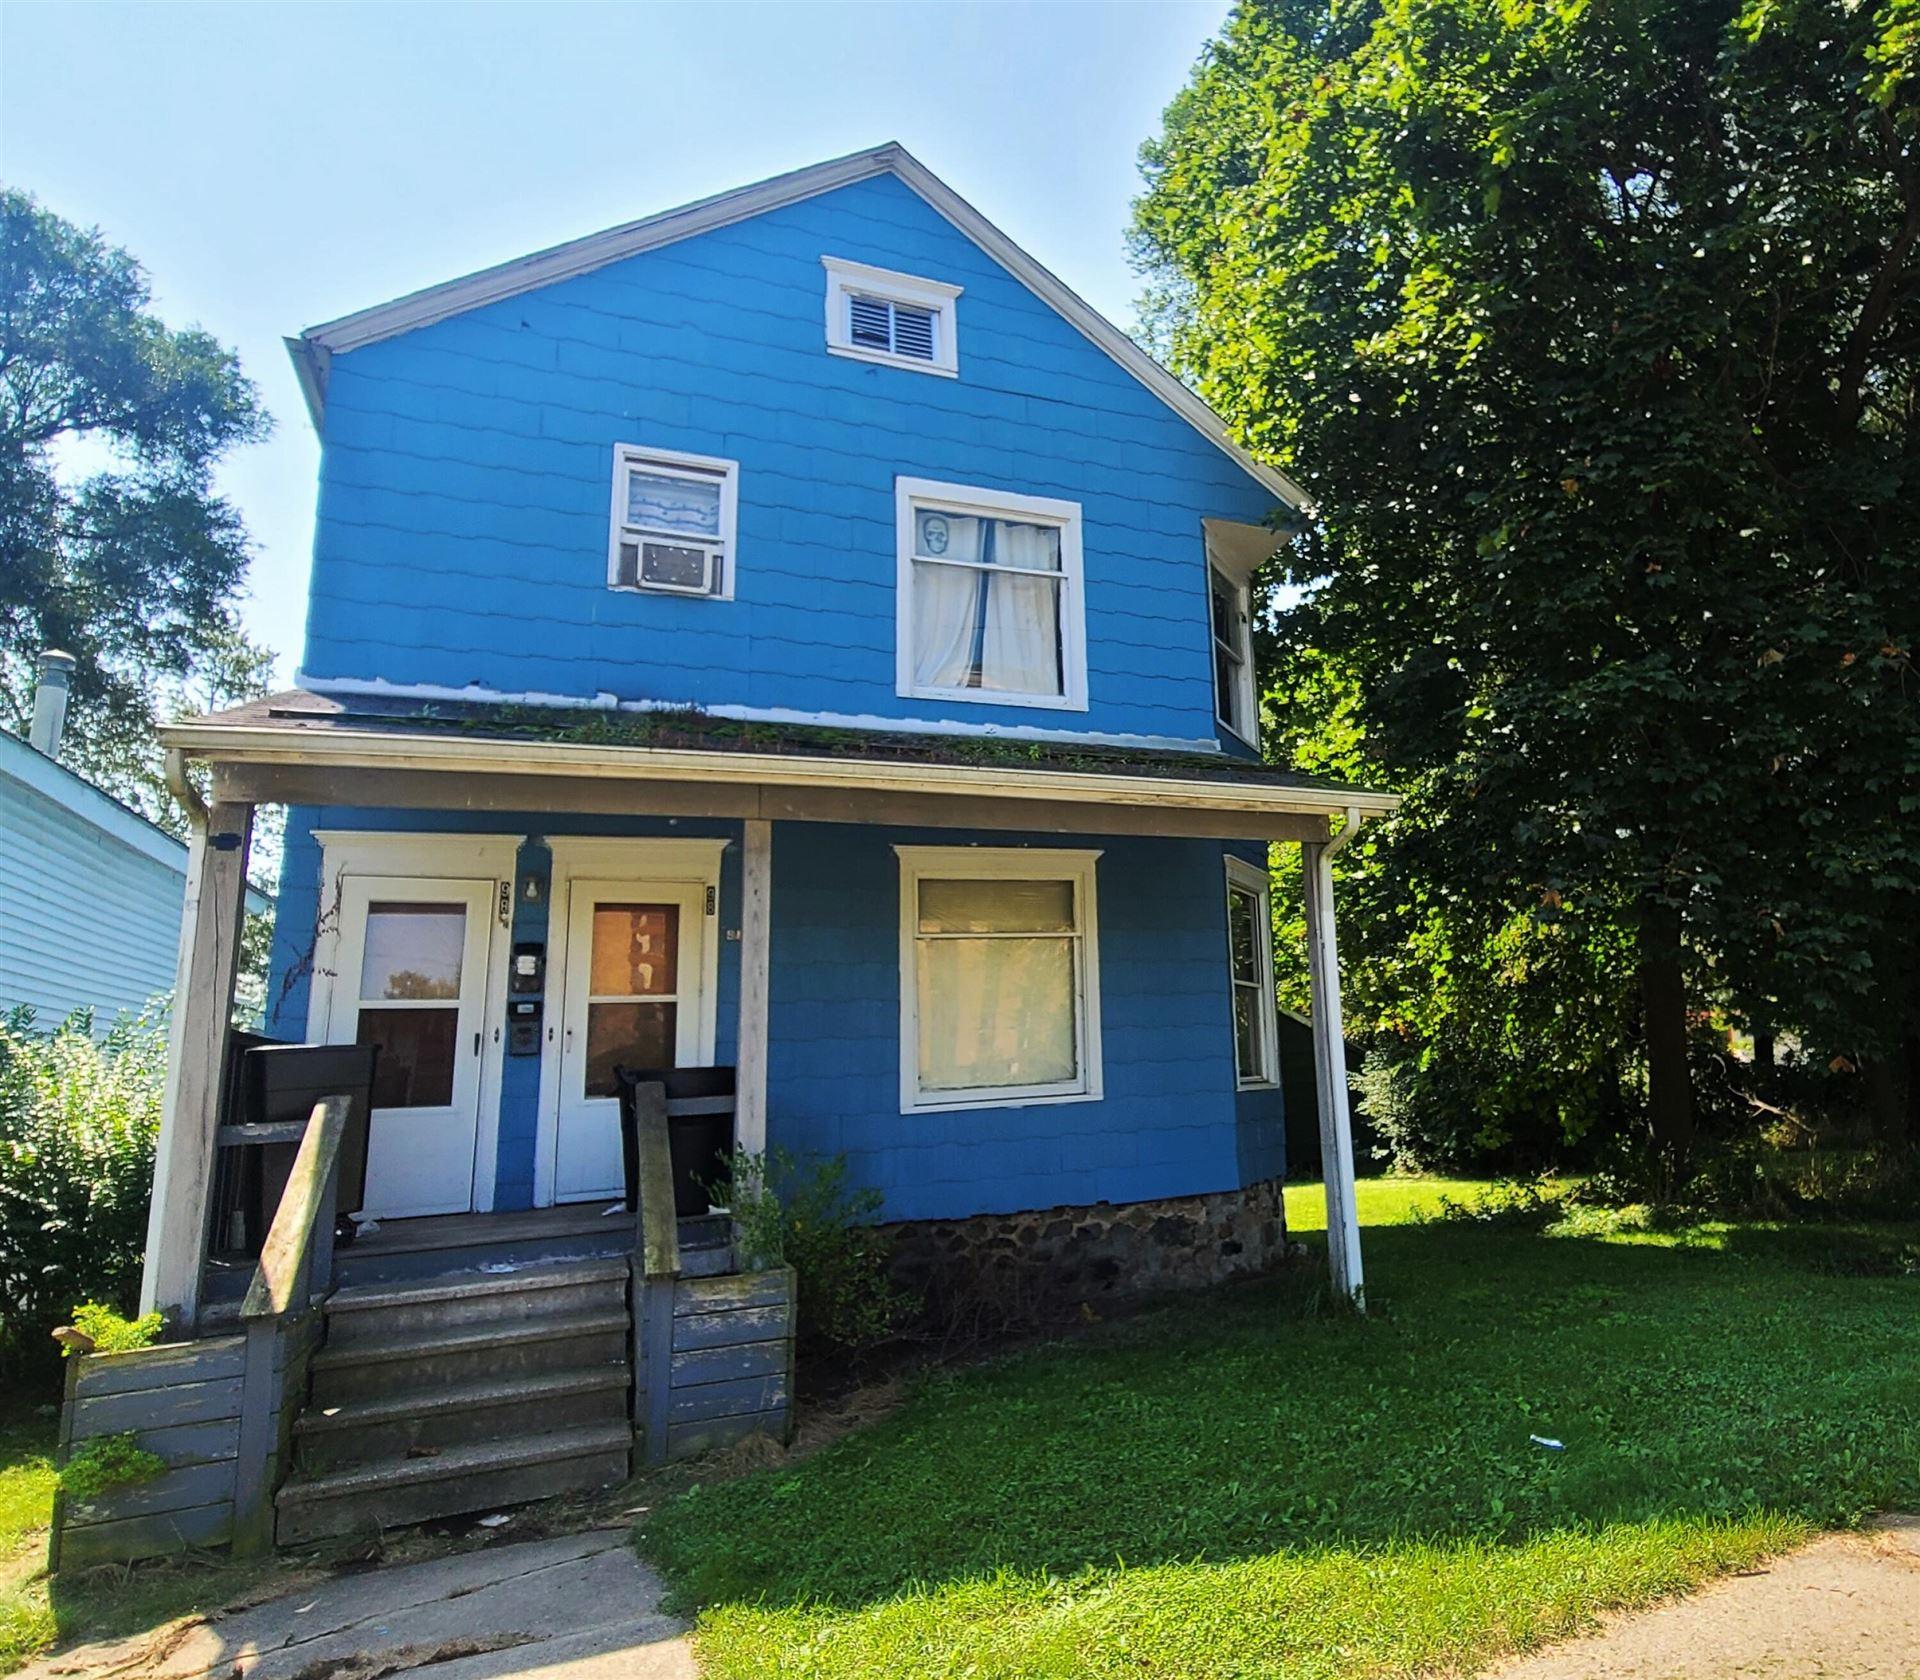 98 E Van Buren Street, Battle Creek, MI 49017 - MLS#: 21103116